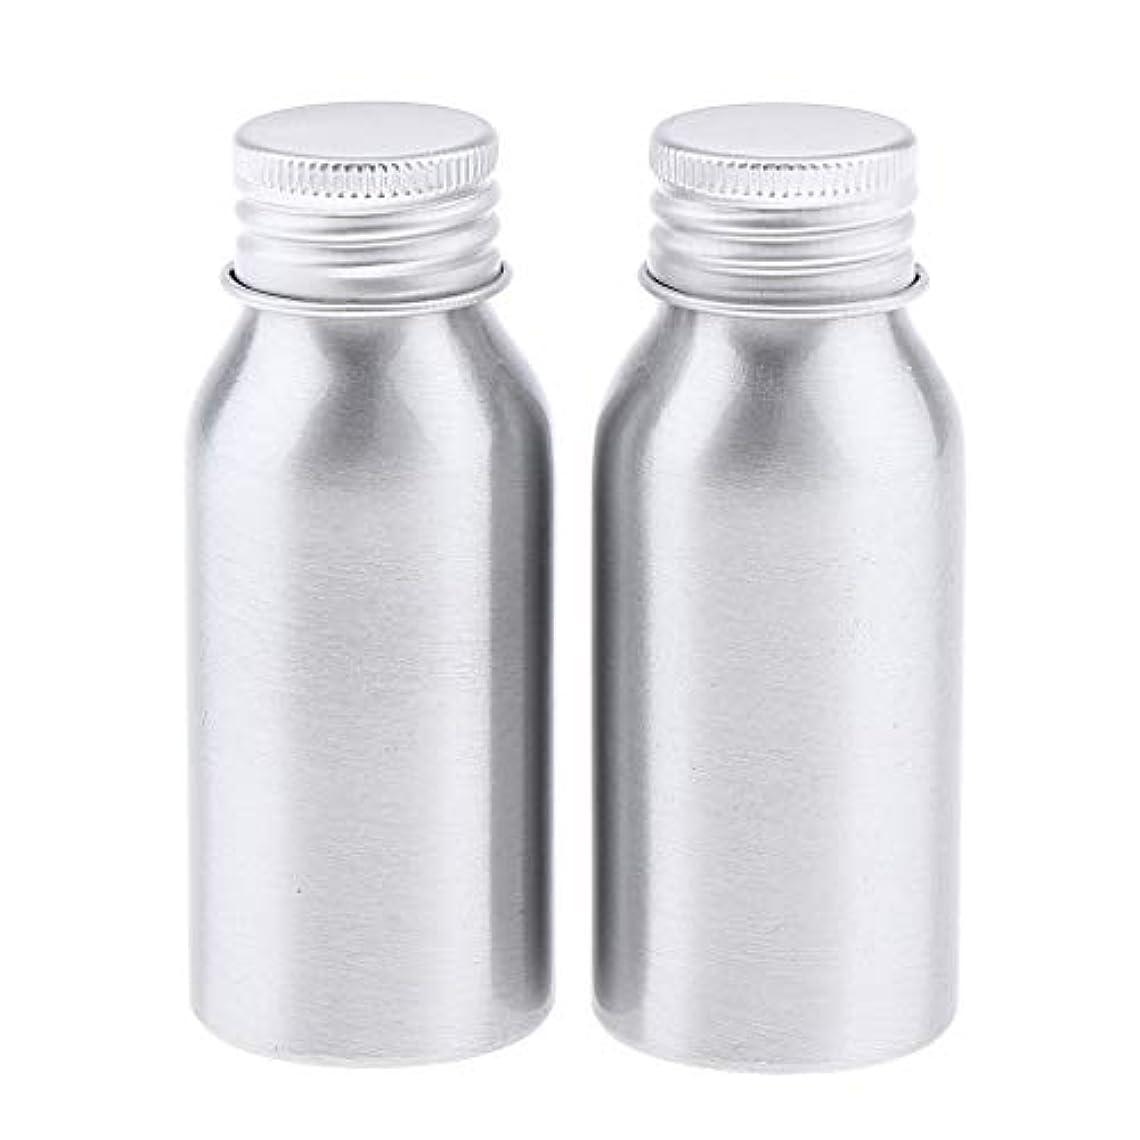 商標創造クリケットDYNWAVE 2本 アルミボトル 空容器 化粧品収納容器 ディスペンサーボトル シルバー 全5サイズ - 50ml